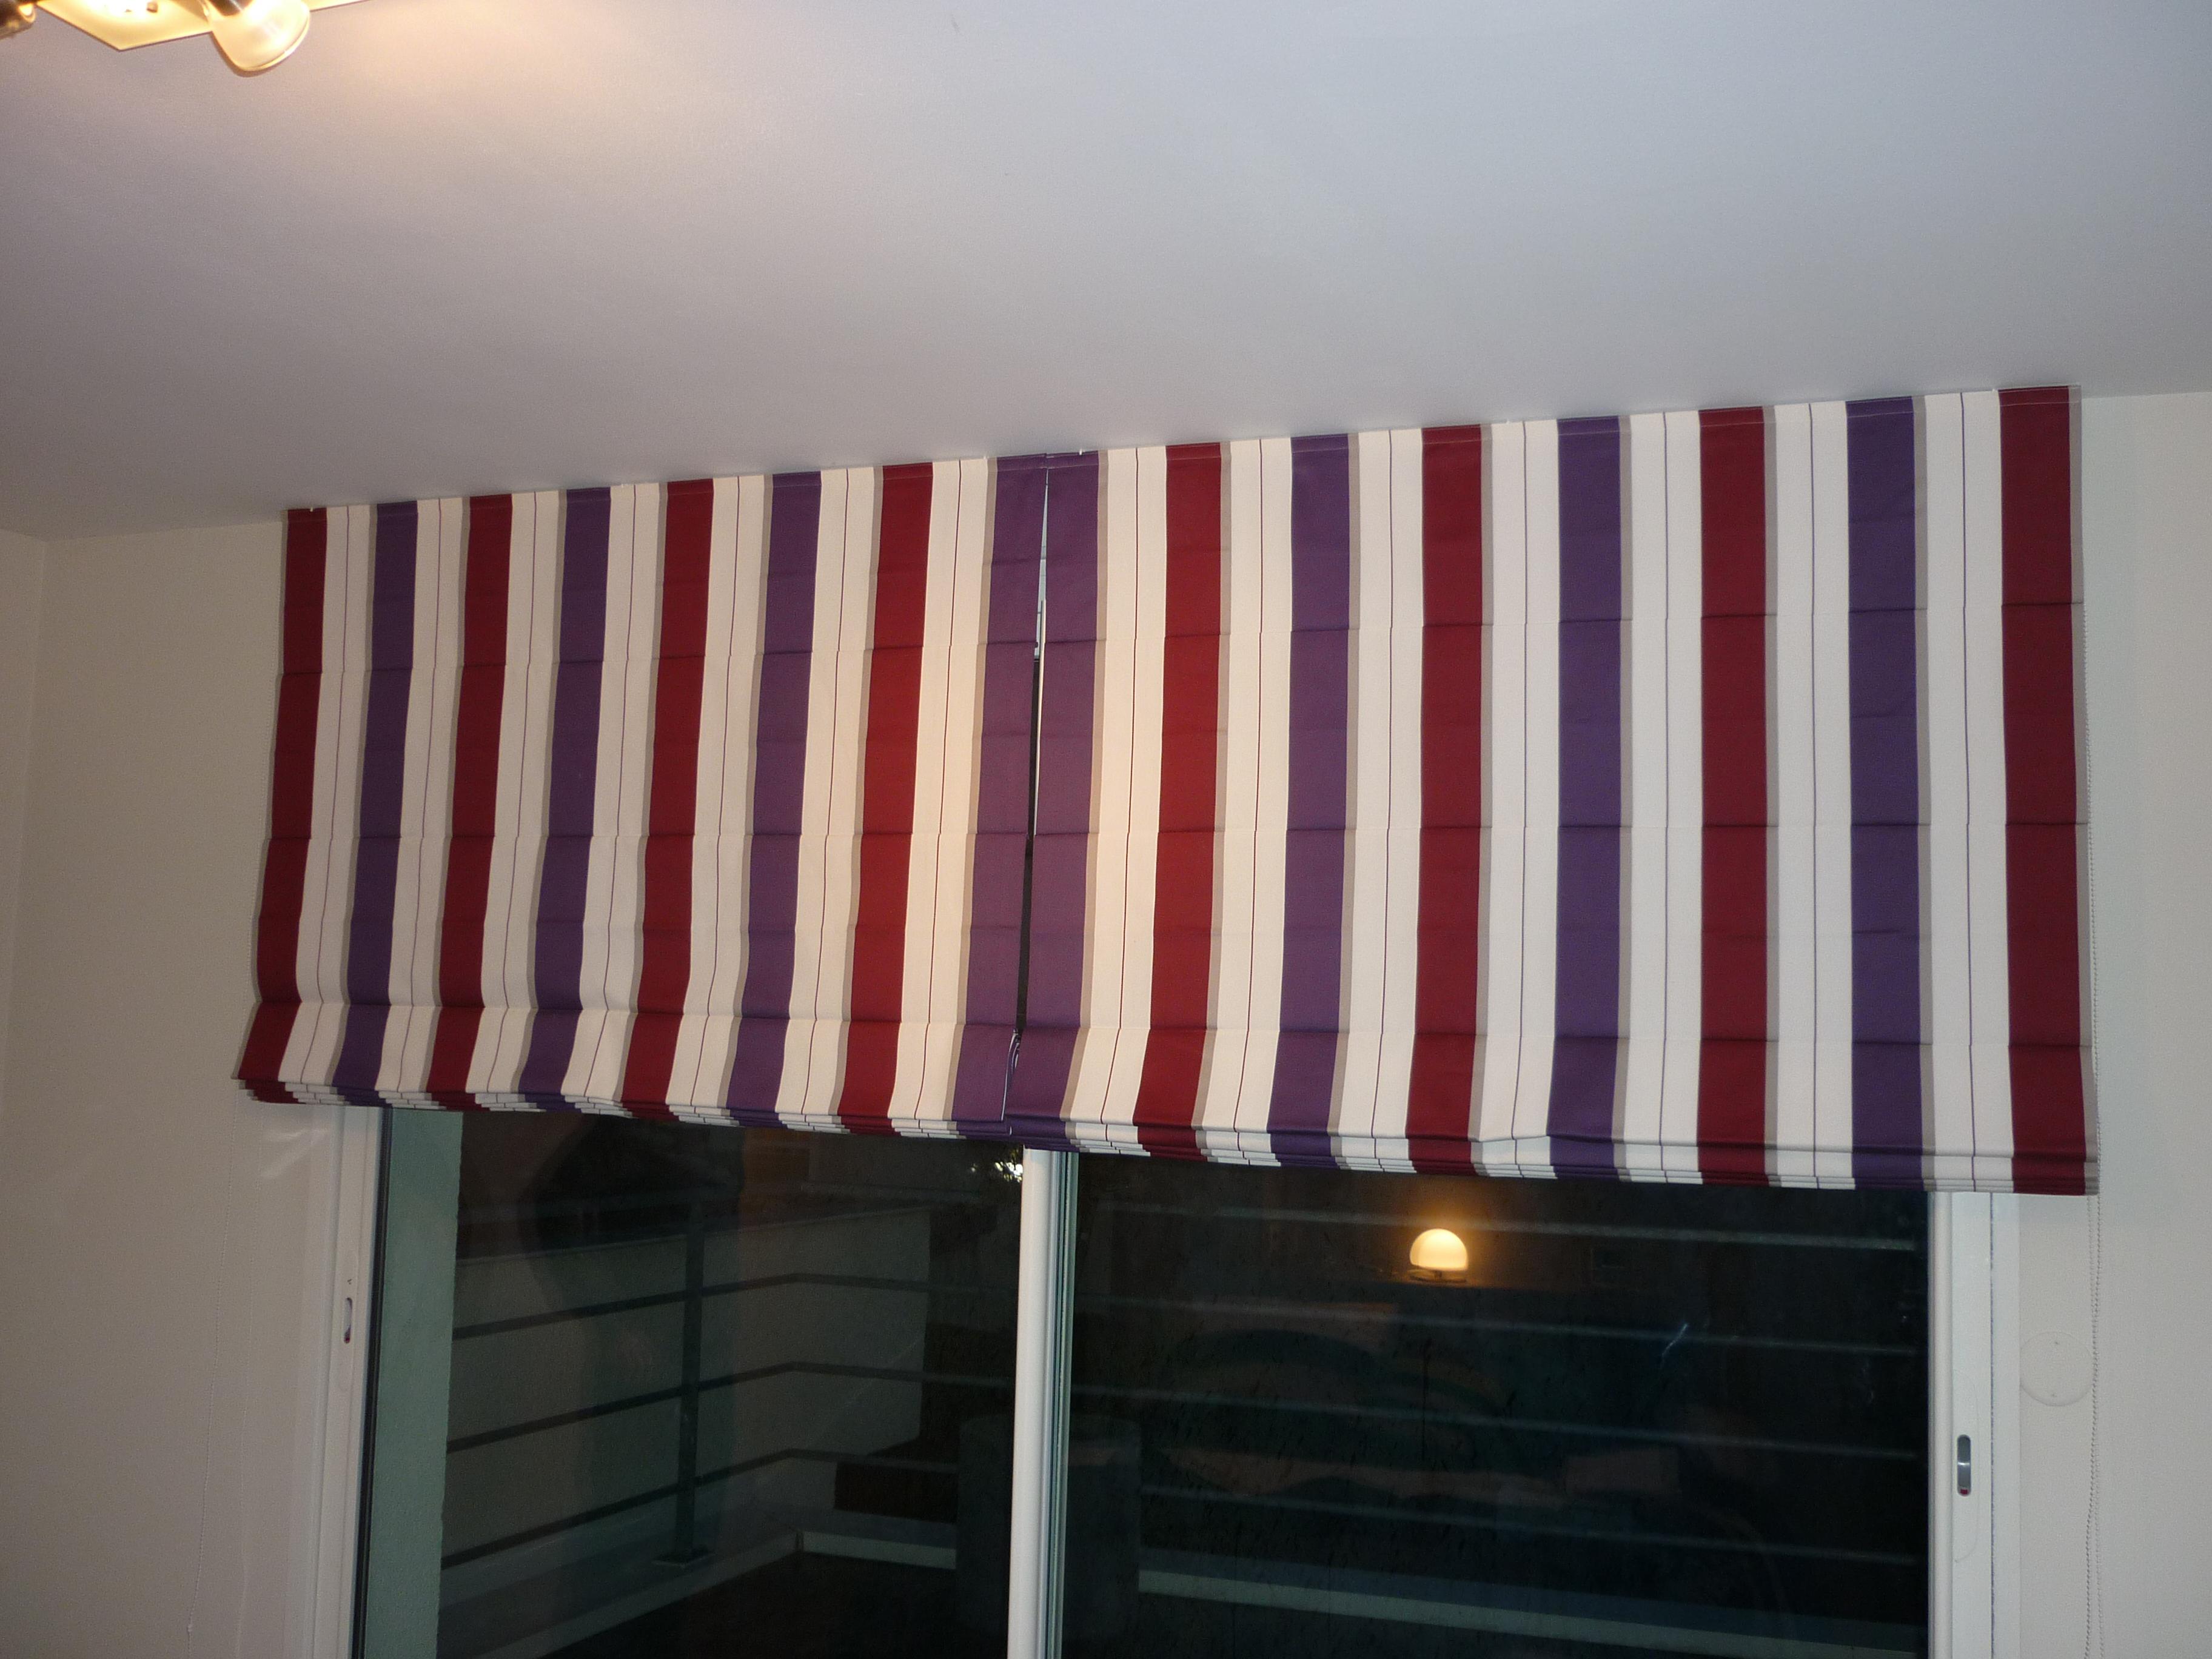 couturi re tapissier d corateur couture d 39 ameublement bordeaux stores americains ou bateaux. Black Bedroom Furniture Sets. Home Design Ideas